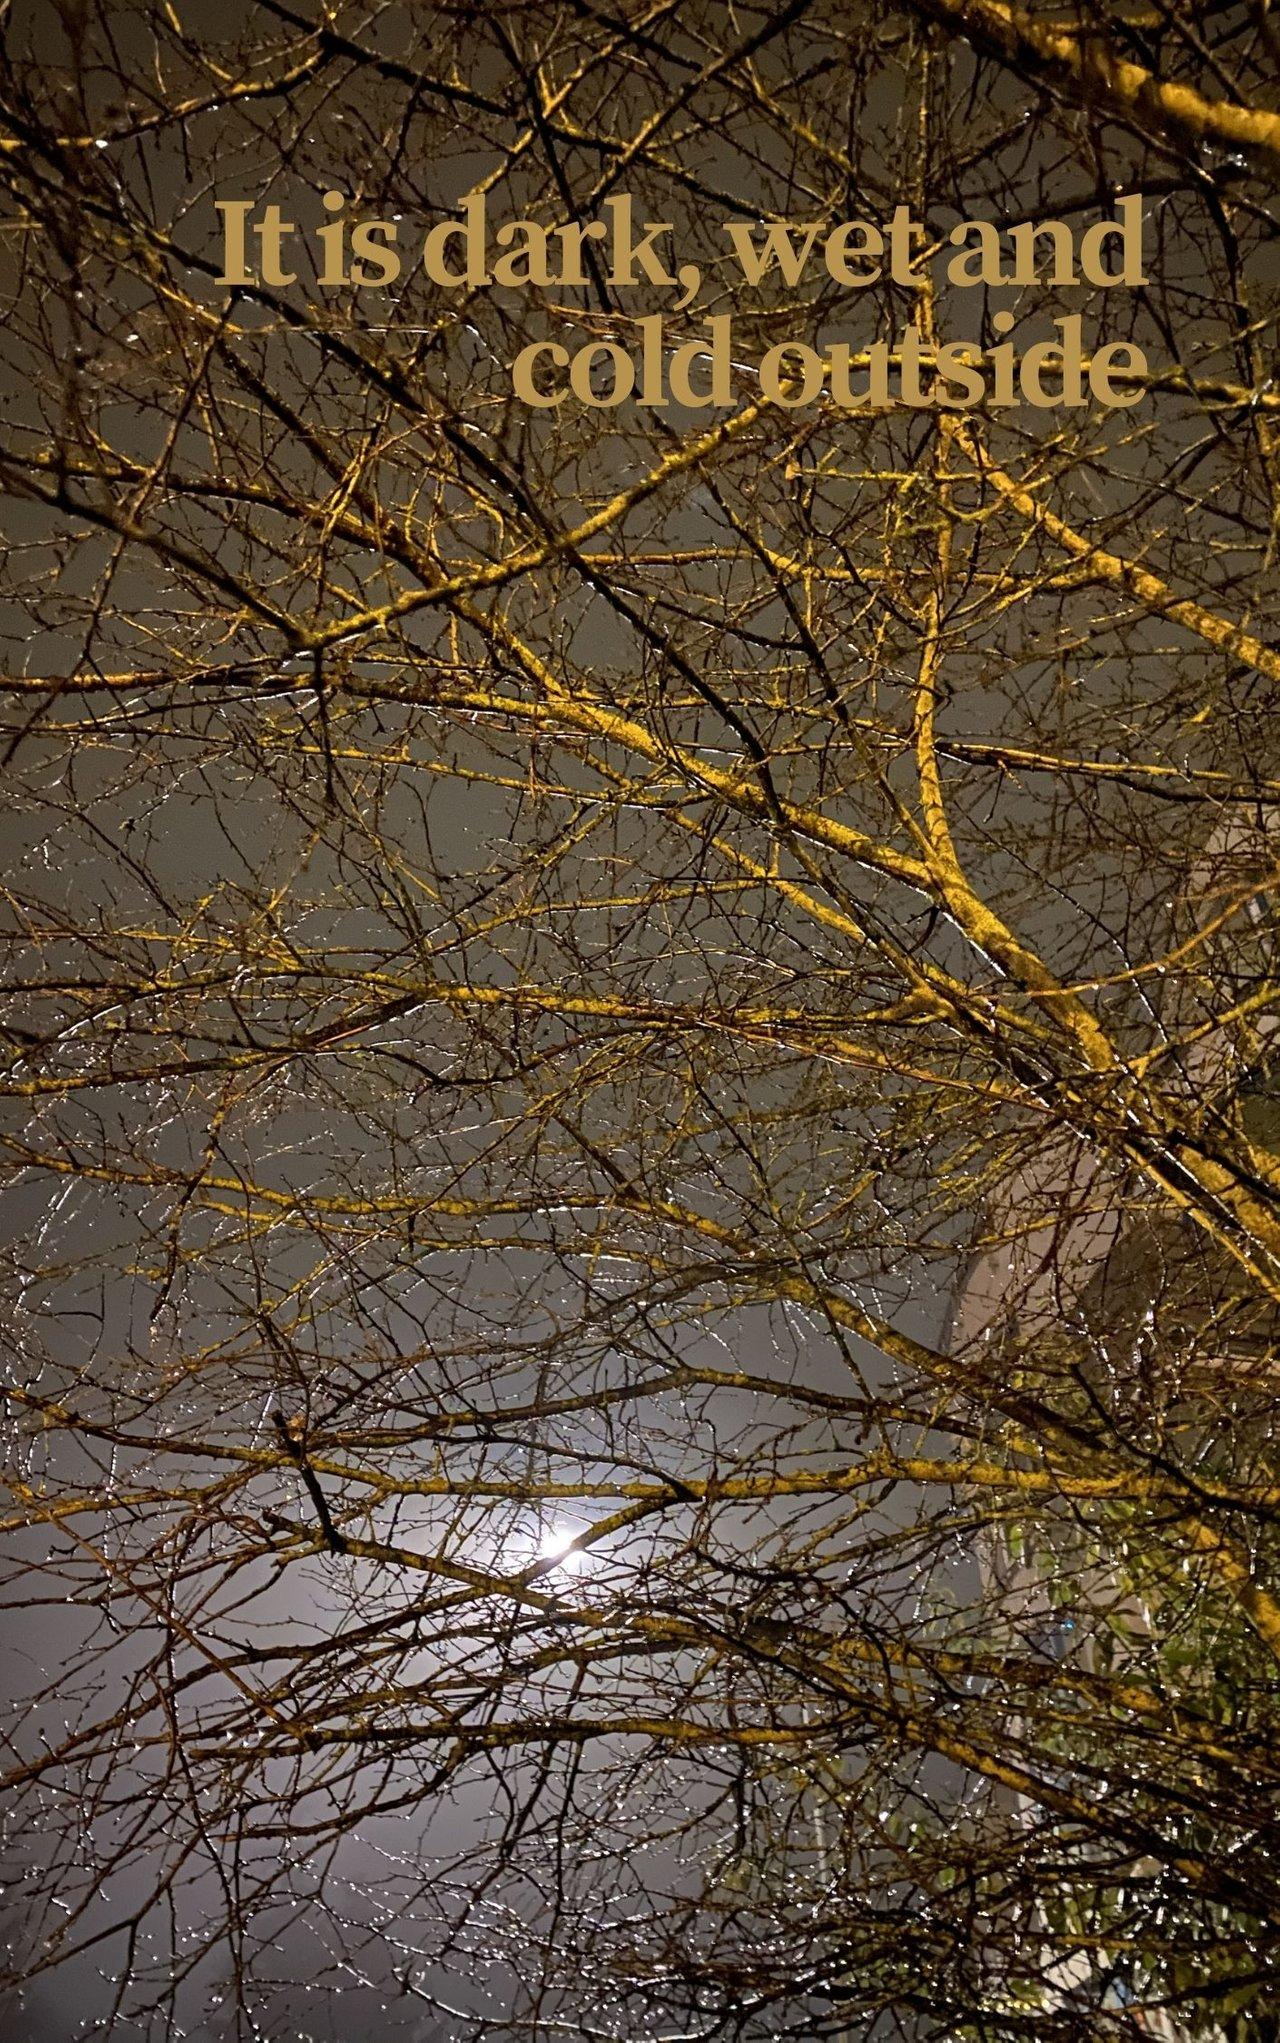 photo of an illuminated night sky with a bare tree full of rain drops